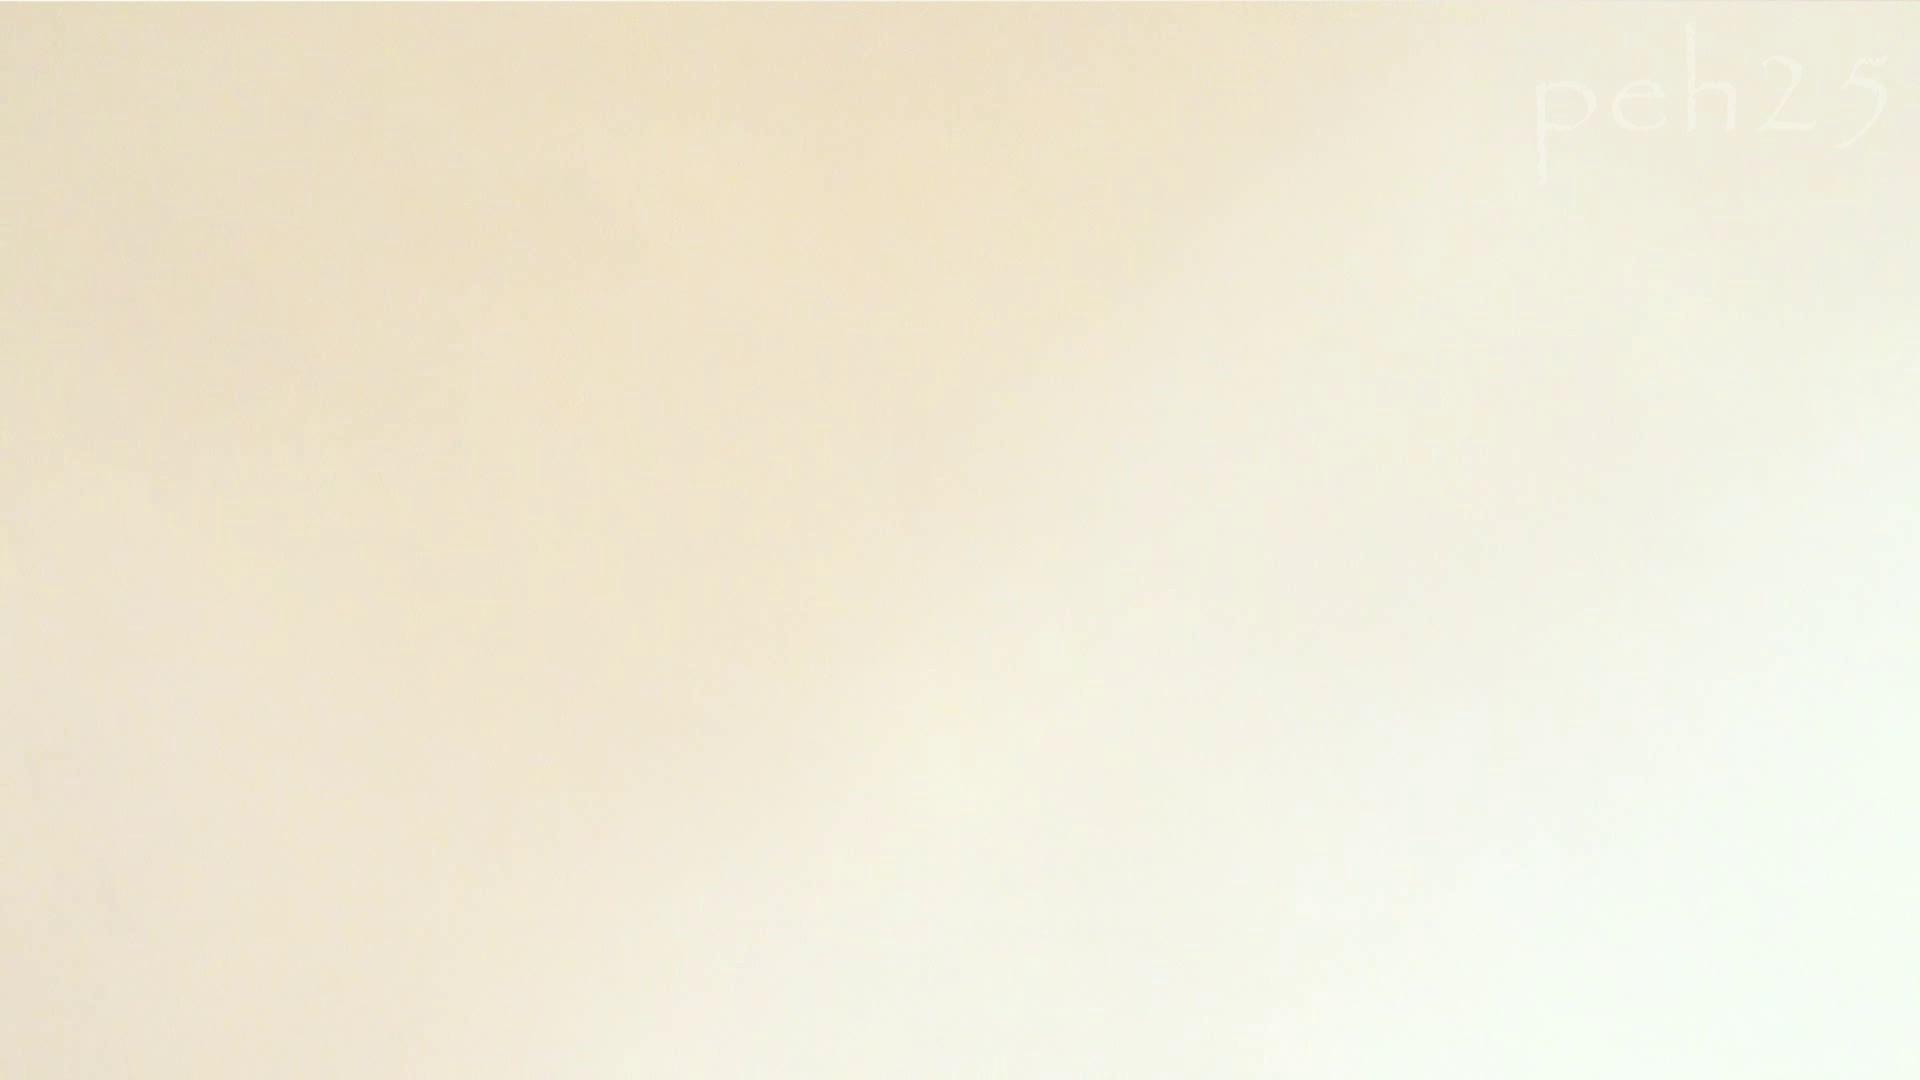 ※100個限定販売 至高下半身盗撮 プレミアム Vol.25 ハイビジョン 洗面所 ヌード画像 113画像 22